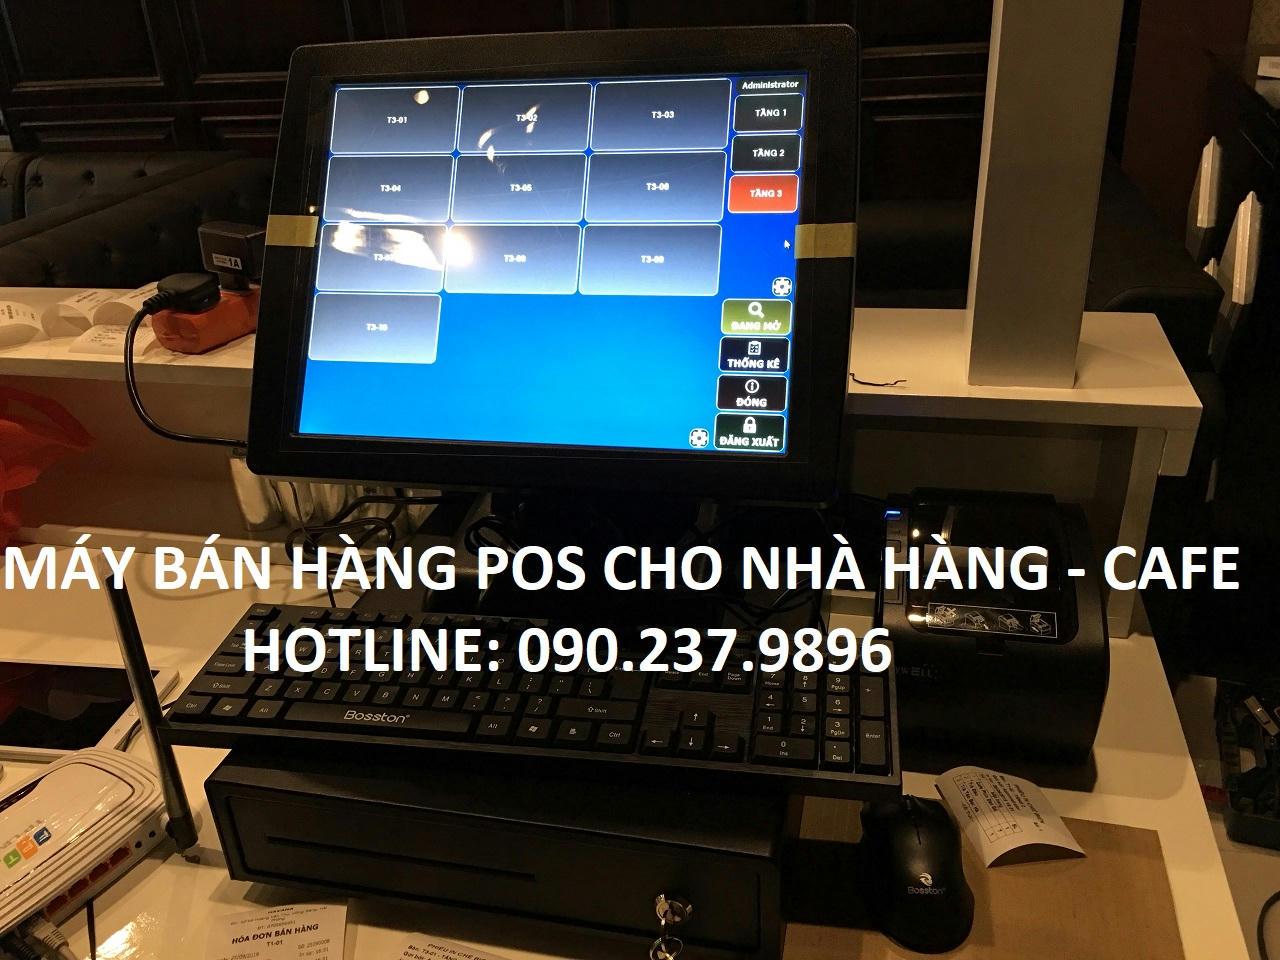 dwqzq2724my7izxzg - Cài đặt máy tính tiền cho nhà hàng giá rẻ tại Củ Chi Tphcm